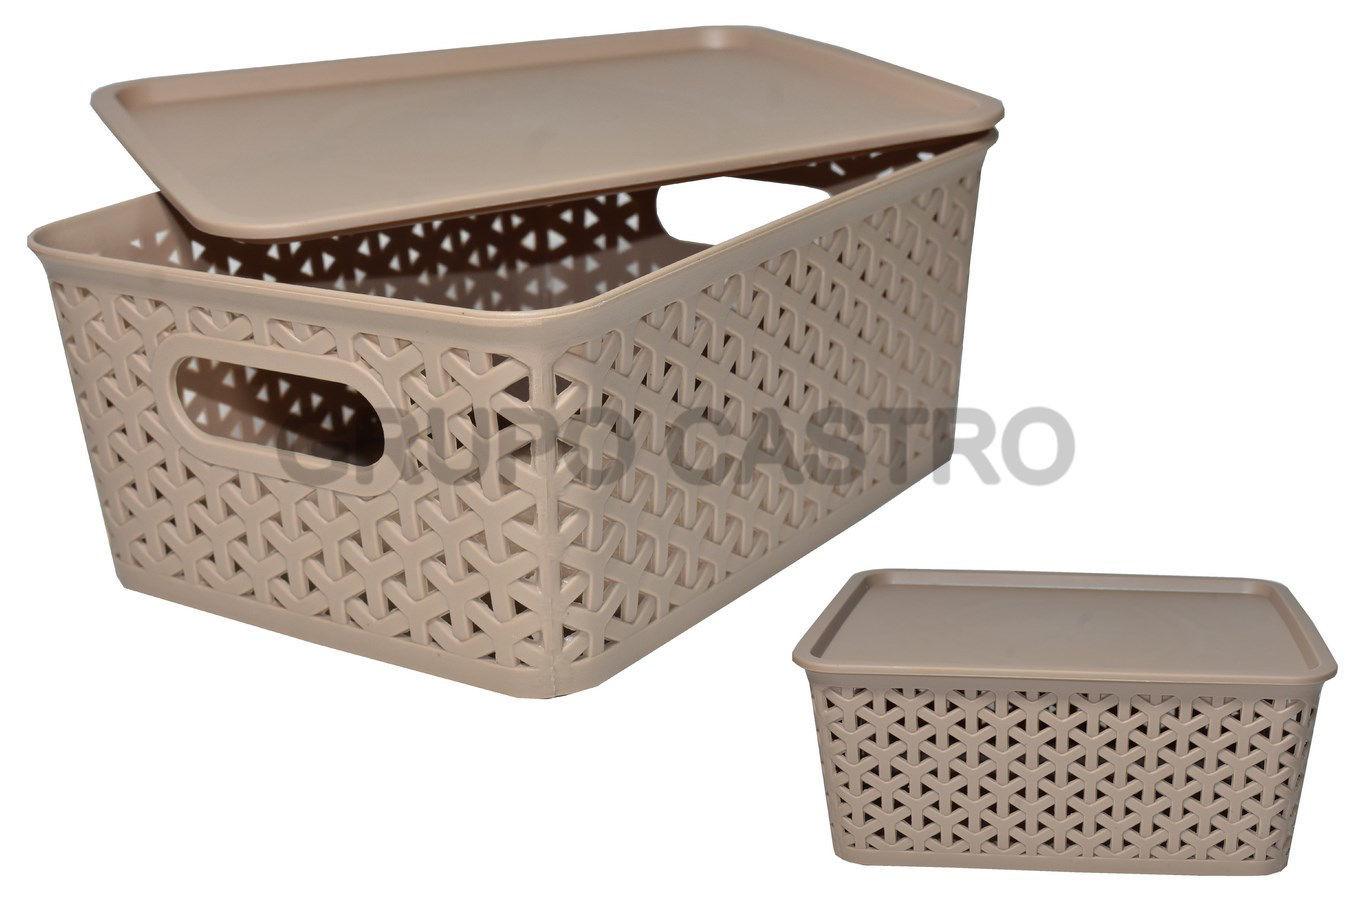 Foto de Caja Ratan 5 ltrs rectangular DY169/4121 18x24x10cms dinasty